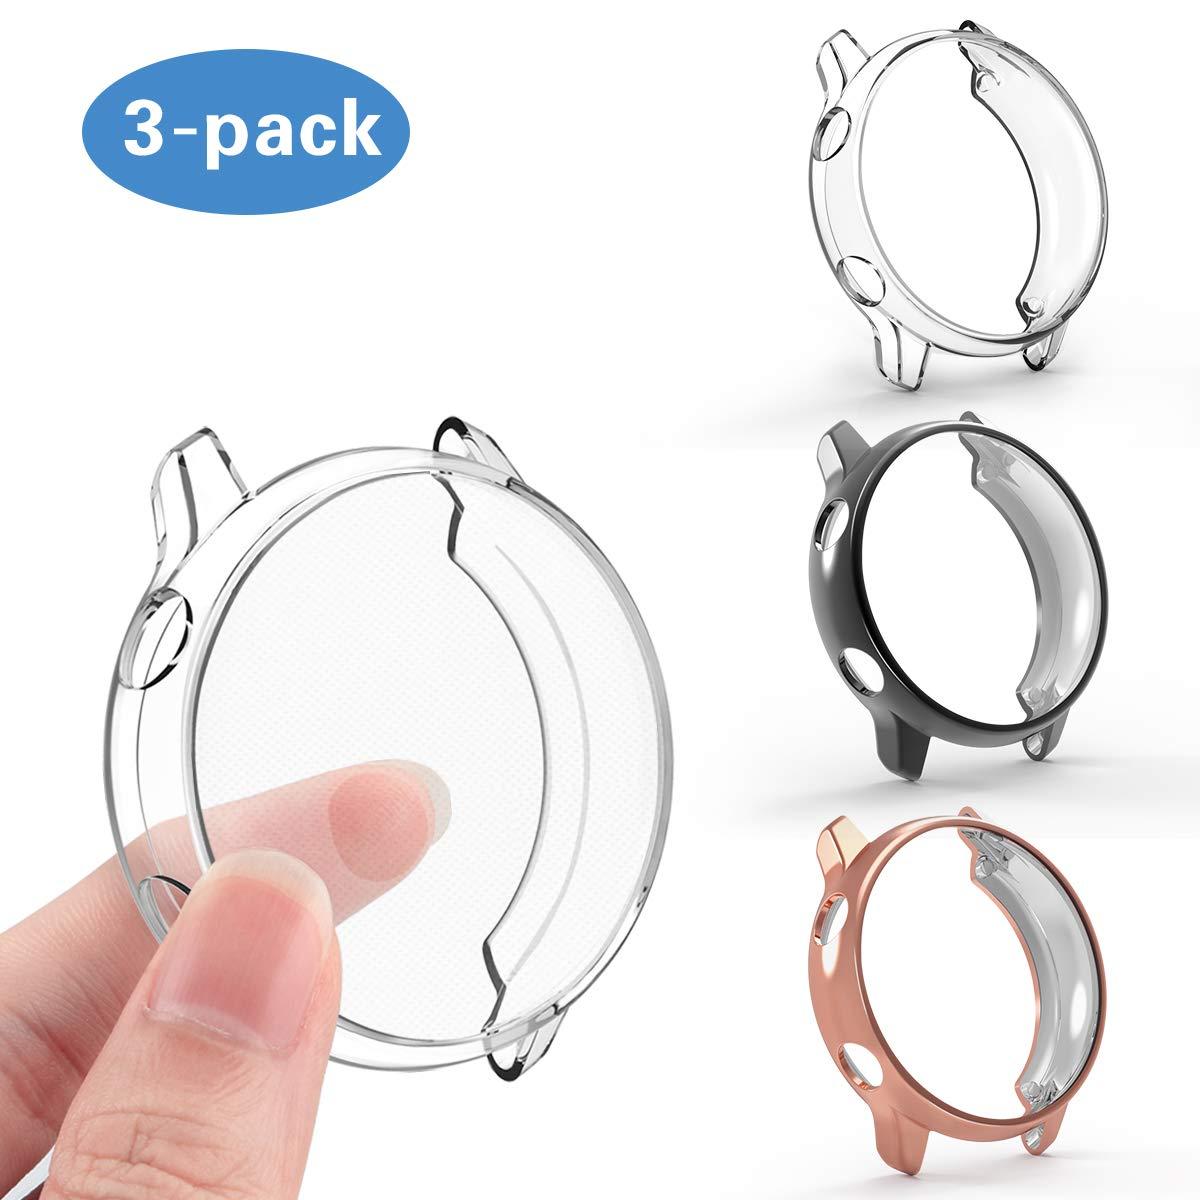 Protector Para Smartwatch Galaxy Watch Active [3unidades]  (7rks6)